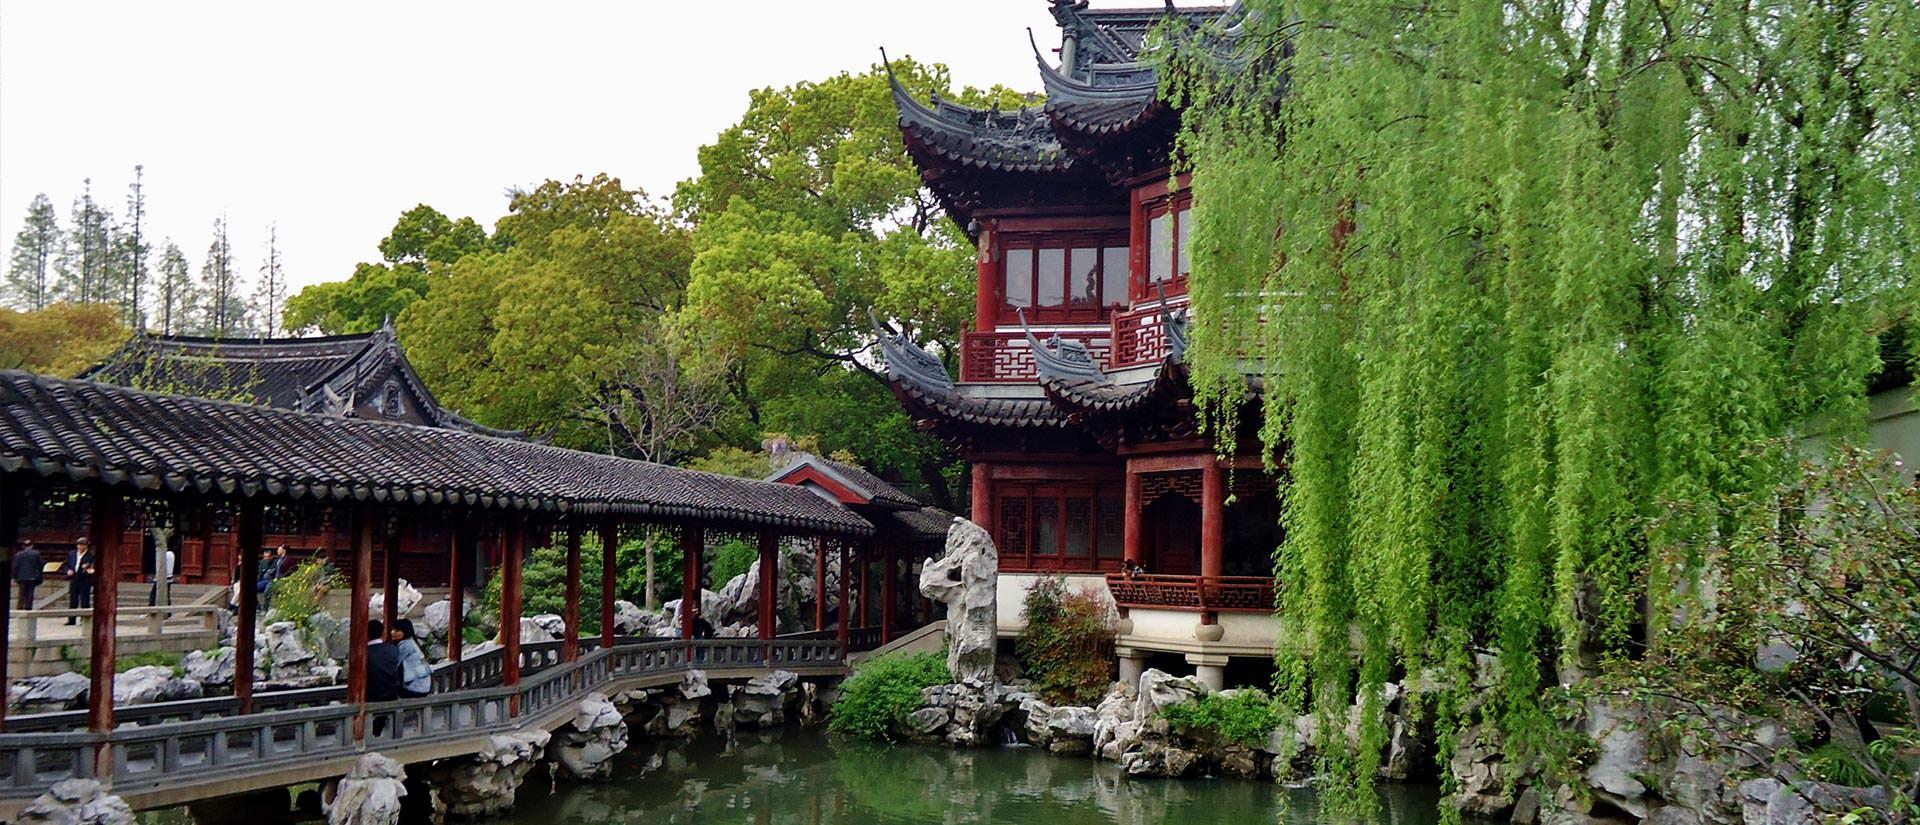 גני יו-יואן בשנגחאי